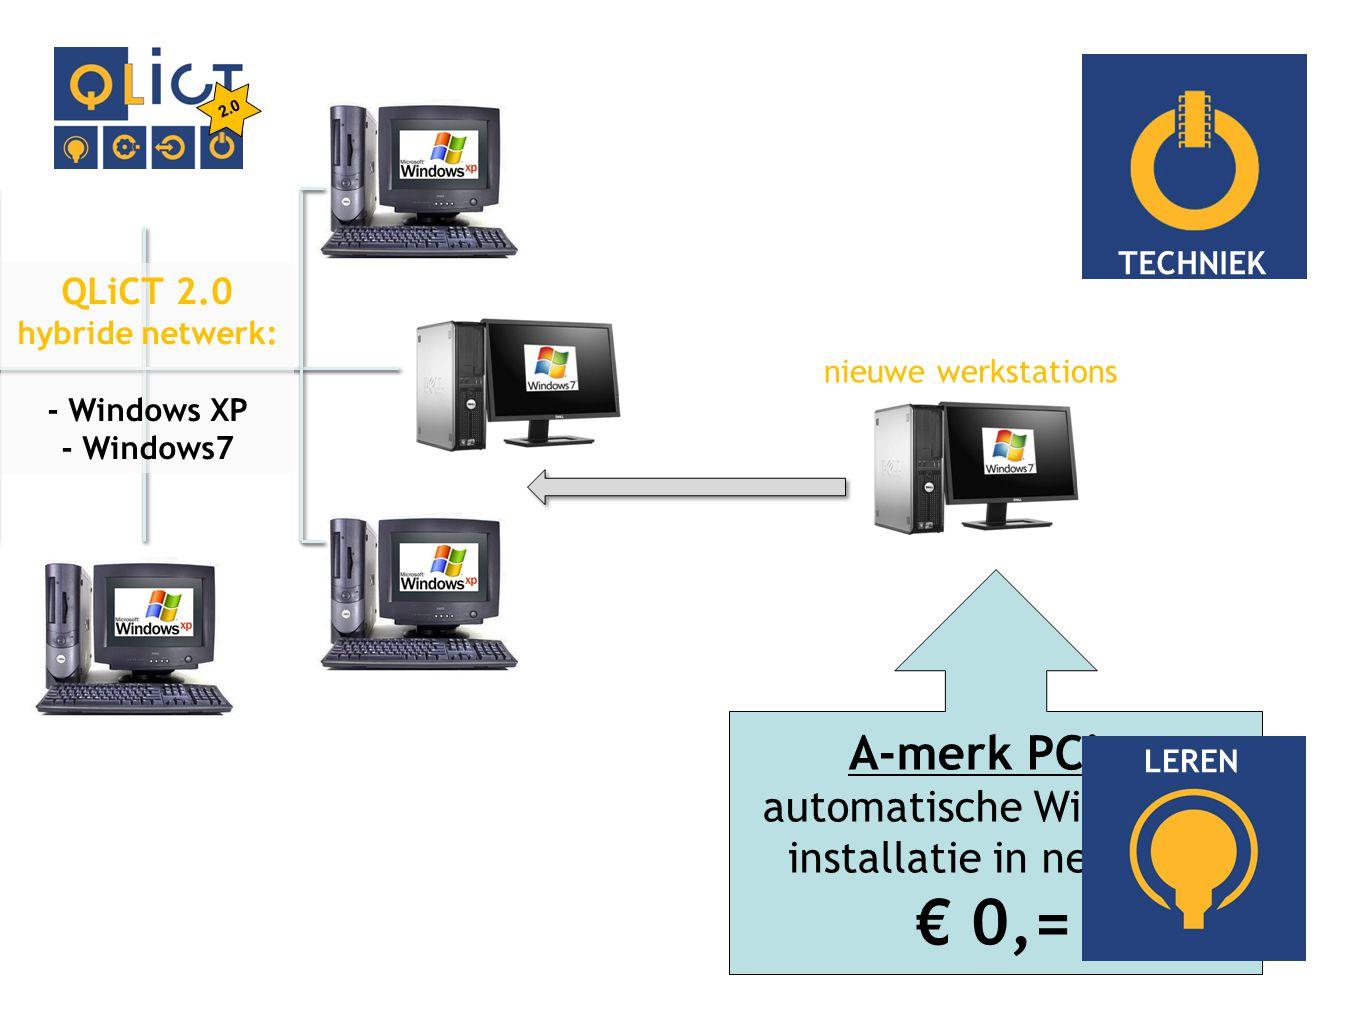 TECHNIEK 2.0 LEREN Elke ICT-coördinator wordt getraind in het gebruik van het nieuwe QLiCT netwerk.